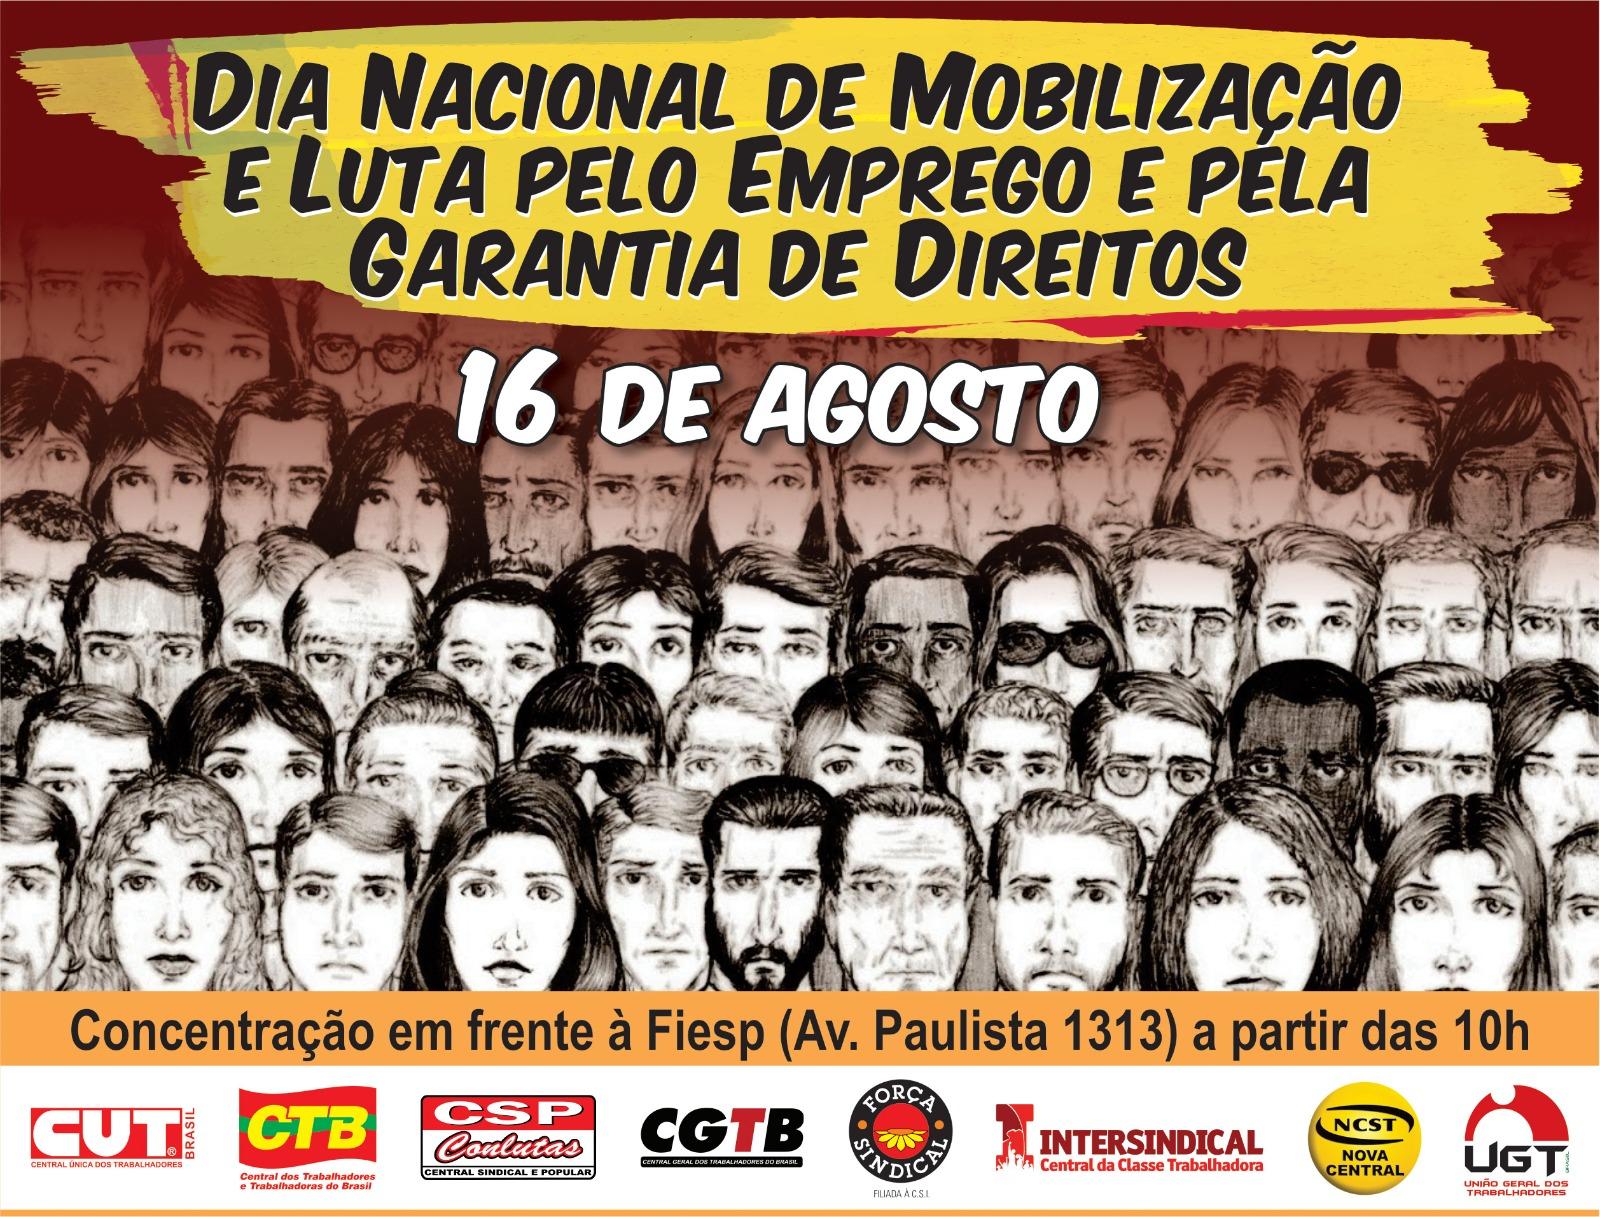 16 de Agosto: Dia Nacional de Mobilização e Luta pelo Emprego e pela Garantia de Direitos